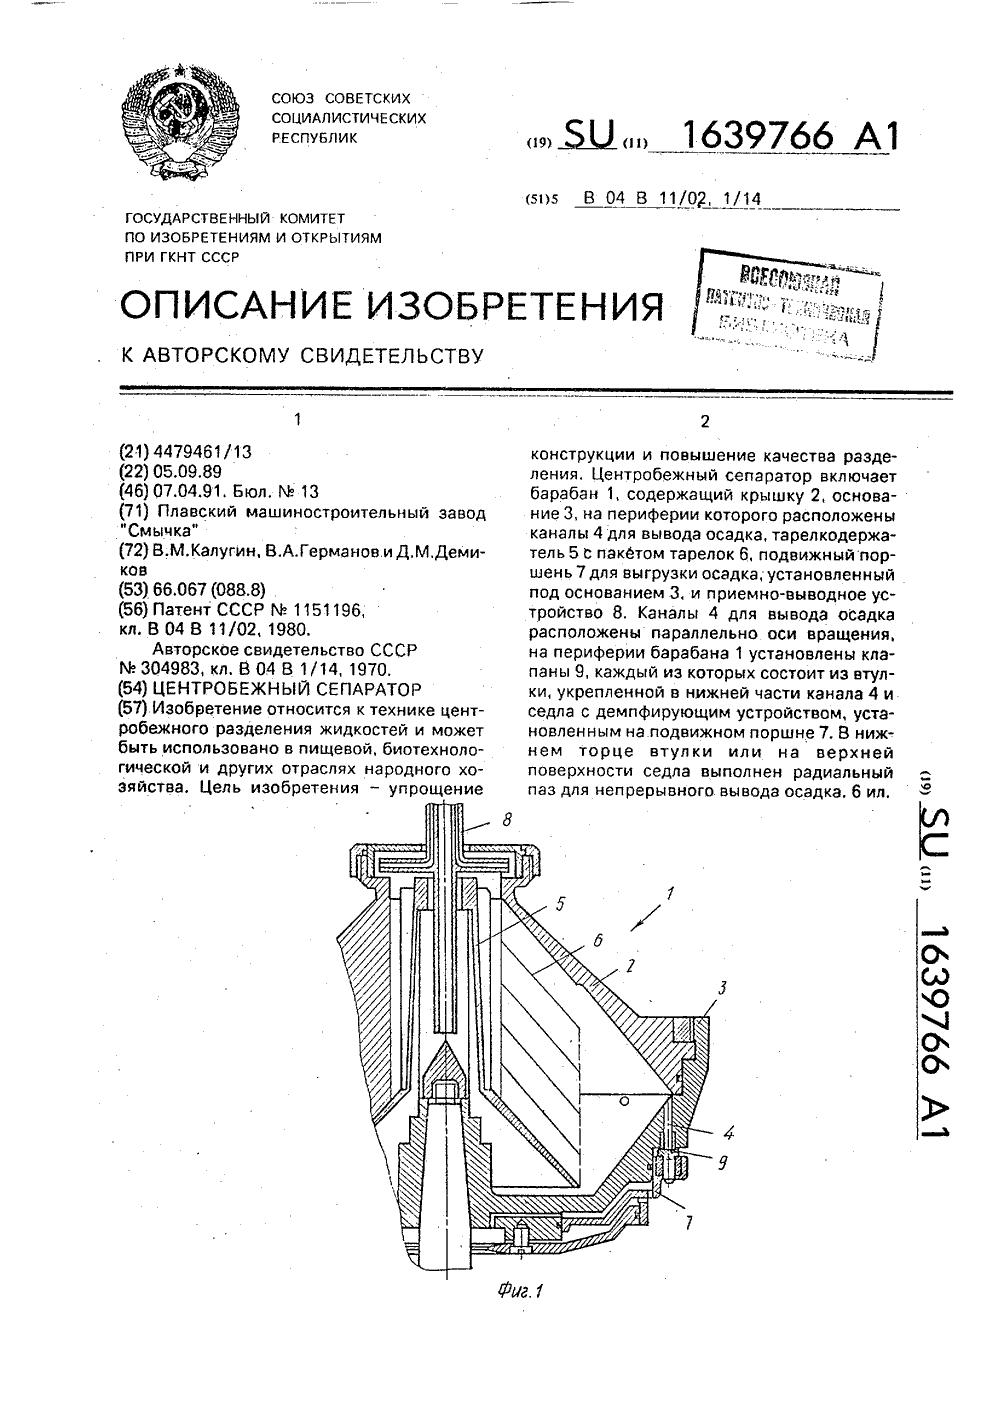 сливкоотделительный сепаратор схема